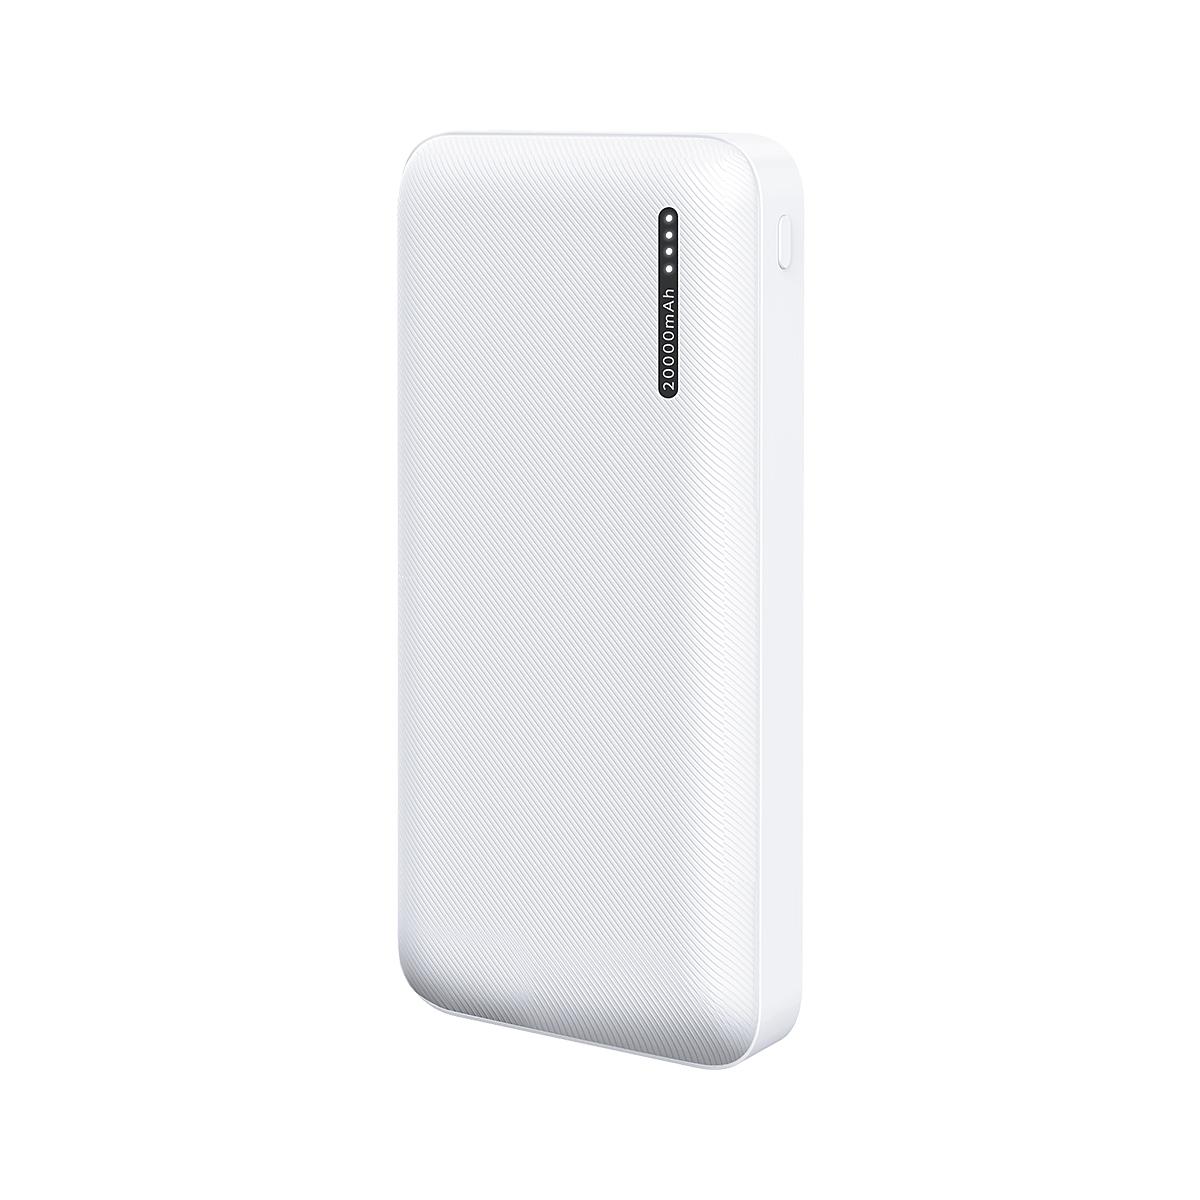 奇克摩克 便携充电宝20000毫安简约高颜值通用移动电源 1件